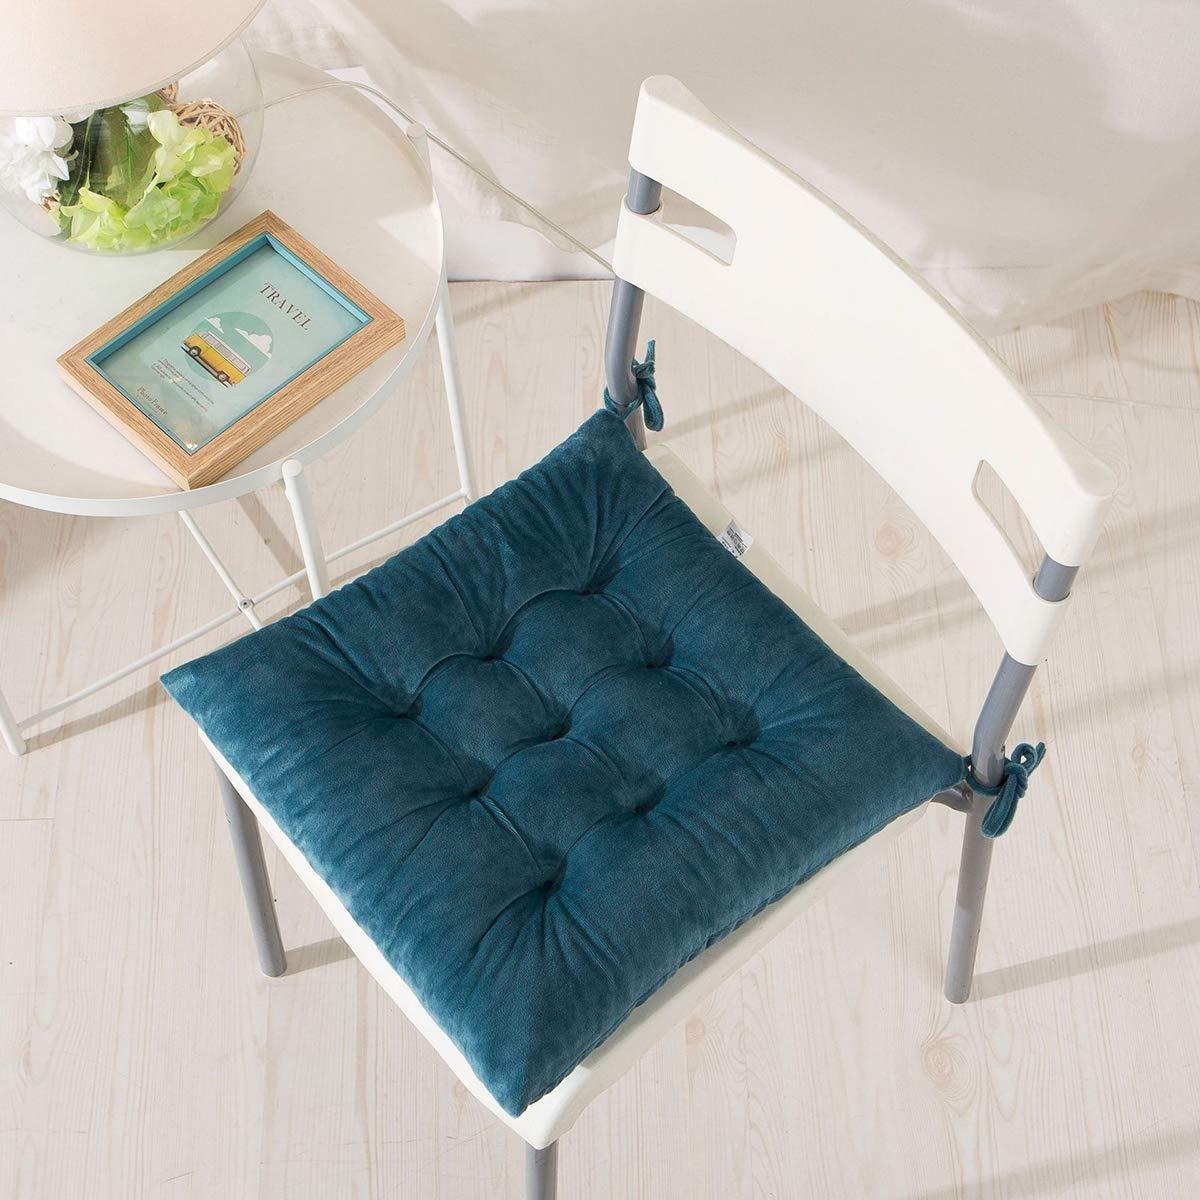 4 Cuscini Da Sedia 40 X 40 Cm Cuscini Da Seduta Con Legami Velluto Morbido Comodi Cuscini Quadrati Per Sedie Da Pranzo Cucina Soggiorno Patio Giardino Dentro E Fuori,Nero